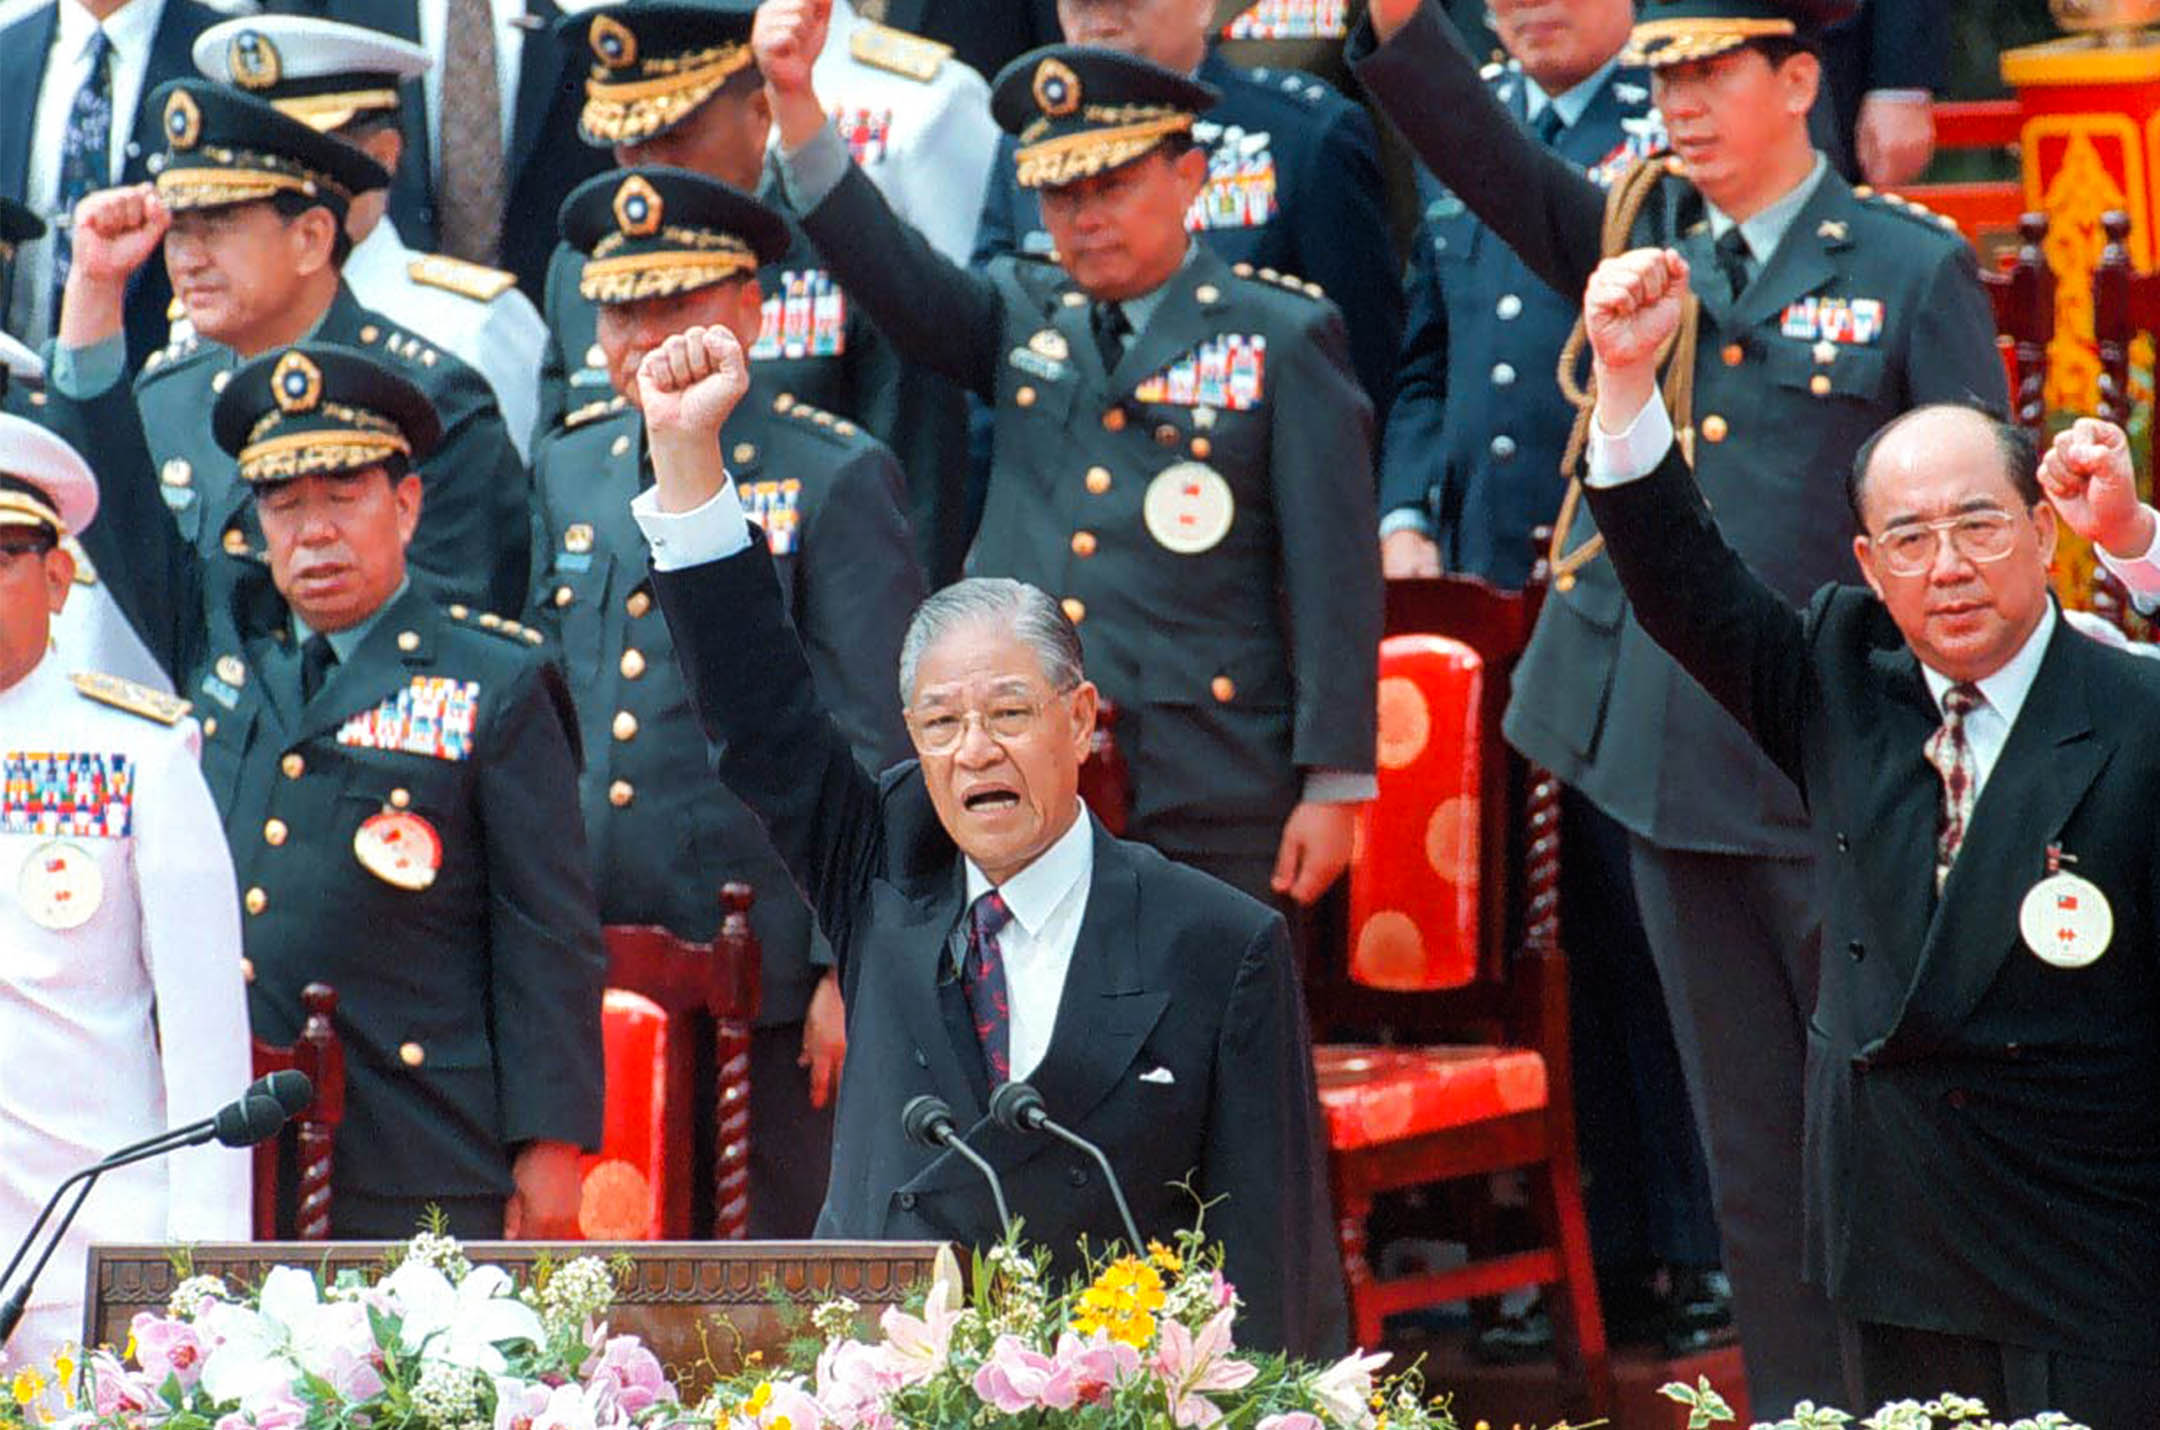 1995年10月10日,台灣總統李登輝在台北總統府外舉行的第十屆雙十慶典上。 攝:C.Y.YU/South China Morning Post via Getty Images